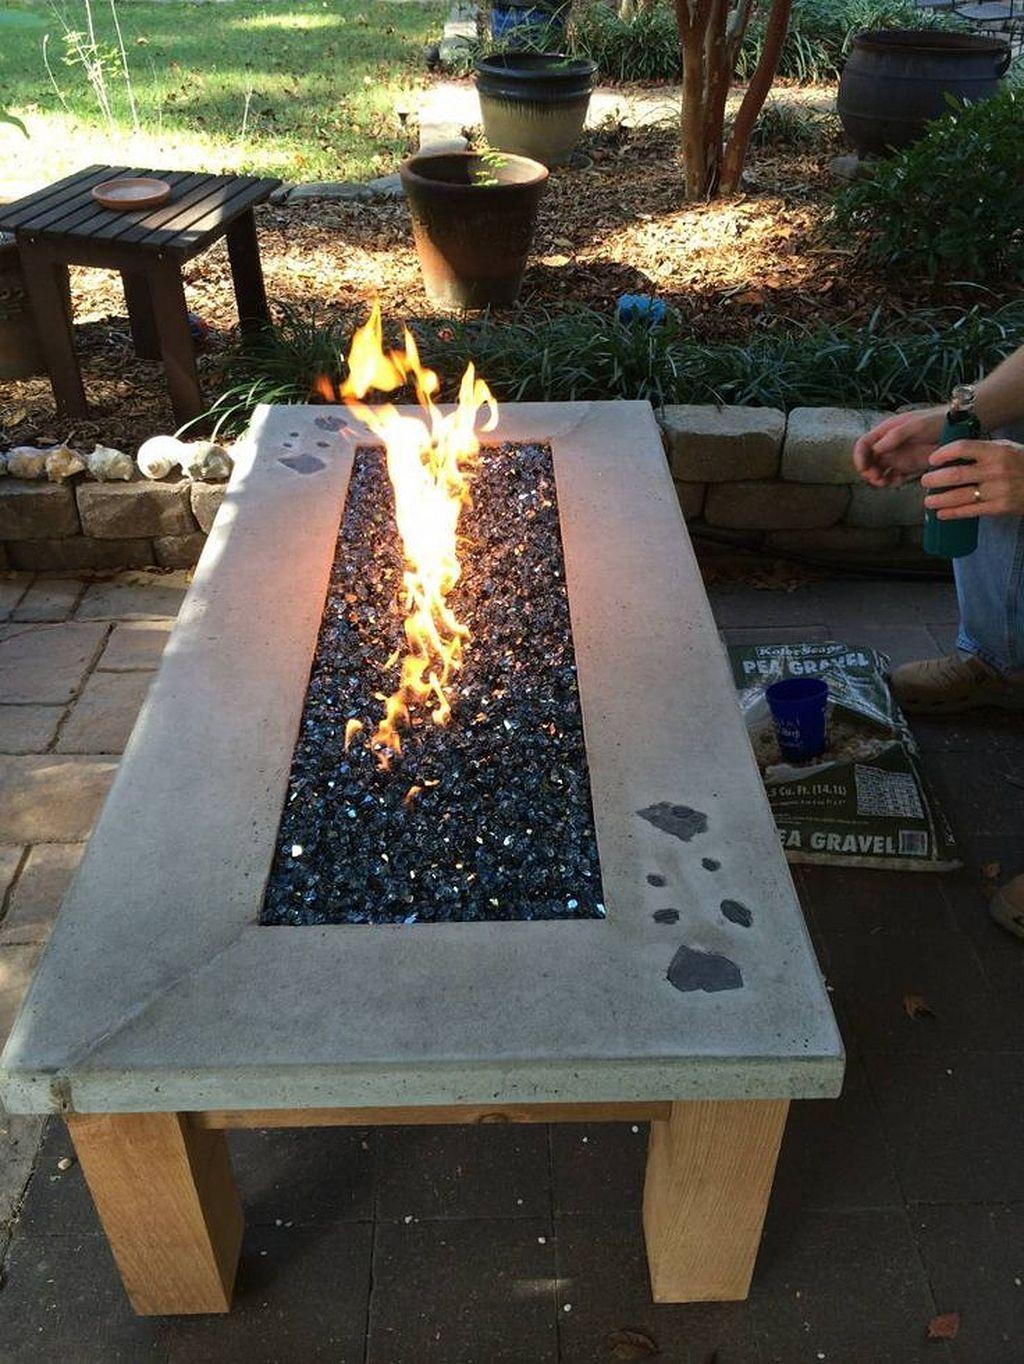 Gorgeous 92 Amazing Outdoor Fire Pits Inspiration Https Pinarchitecture Com 92 Amazing Outdoor Fire Feuerstellen Fur Die Terrasse Feuerstelle Diy Feuerstelle